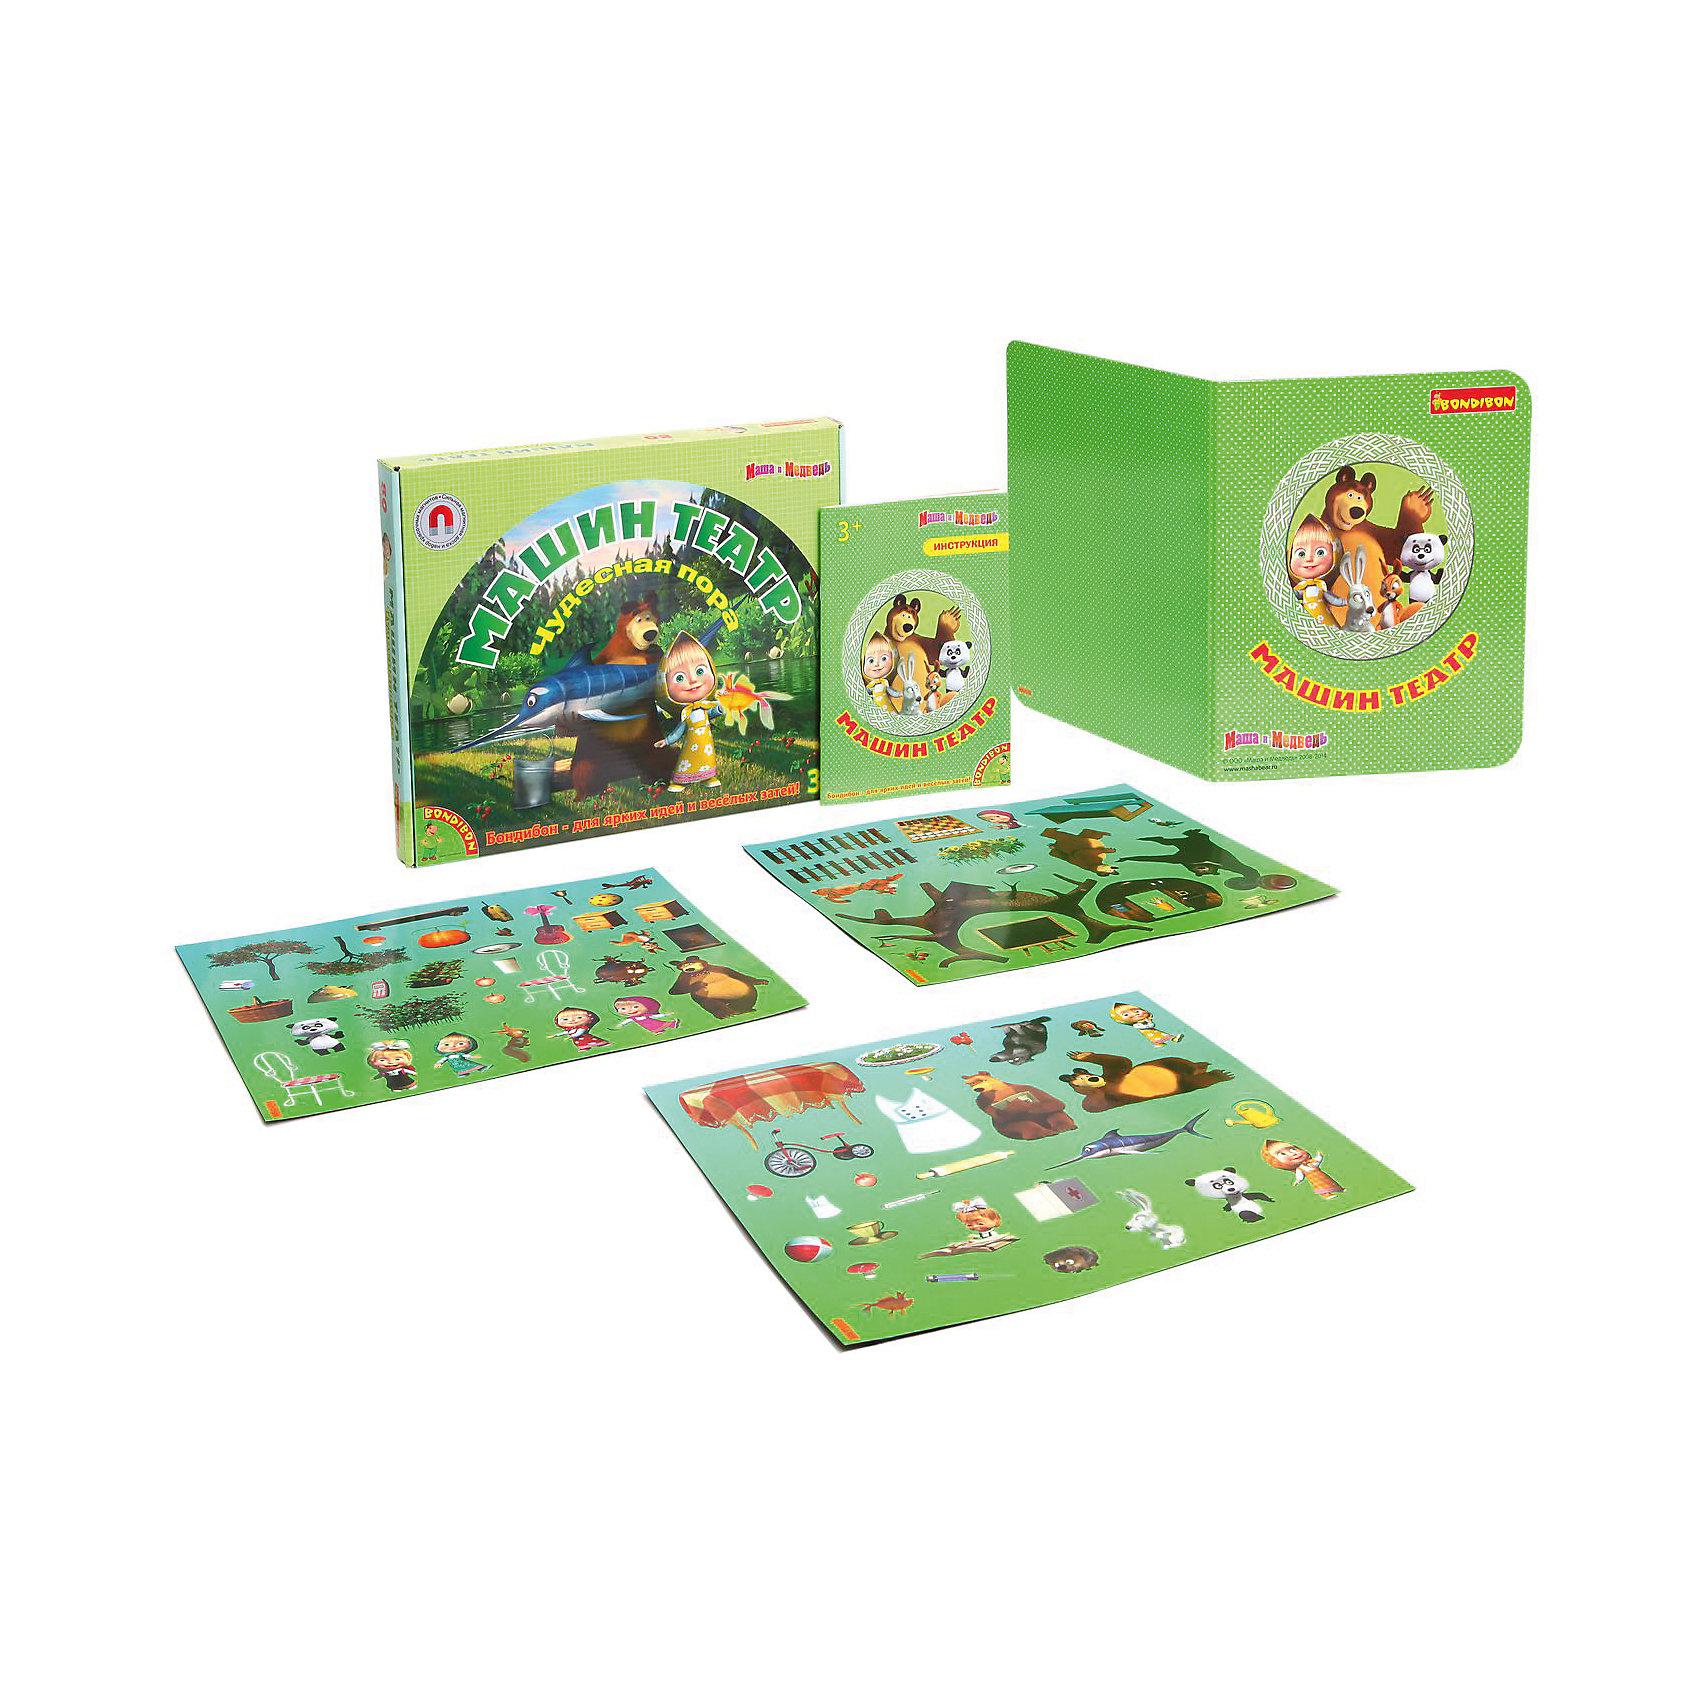 Набор Чудесная пора, 80 магнитов, Маша и Медведь, BondibonМагнитный набор Чудесная пора поможет собрать настоящий домашний театр. Игра выполнена в виде магнитной доски и различных героев из мультфильма Маша и медведь. В игре есть также домики и предметы обихода, которые помогут ребенку ставить новые спектакли с участием любимых персонажей. В этом наборе есть все, чтобы ребенок развивал свое творческое мышление и воображение. <br><br>Дополнительная информация:<br><br>- Возраст: от 3 лет<br>- В комплекте: 80 фигурок-магнитов, магнитная доска, инструкция<br>- Материал: картон, магнит<br>- Размер упаковки: 21х3х27 см<br>- Вес: 1.14 кг<br><br>Набор Чудесная пора, 80 магнитов, Маша и Медведь можно купить в нашем интернет-магазине.<br><br>Ширина мм: 210<br>Глубина мм: 30<br>Высота мм: 270<br>Вес г: 1143<br>Возраст от месяцев: 36<br>Возраст до месяцев: 144<br>Пол: Унисекс<br>Возраст: Детский<br>SKU: 4864511